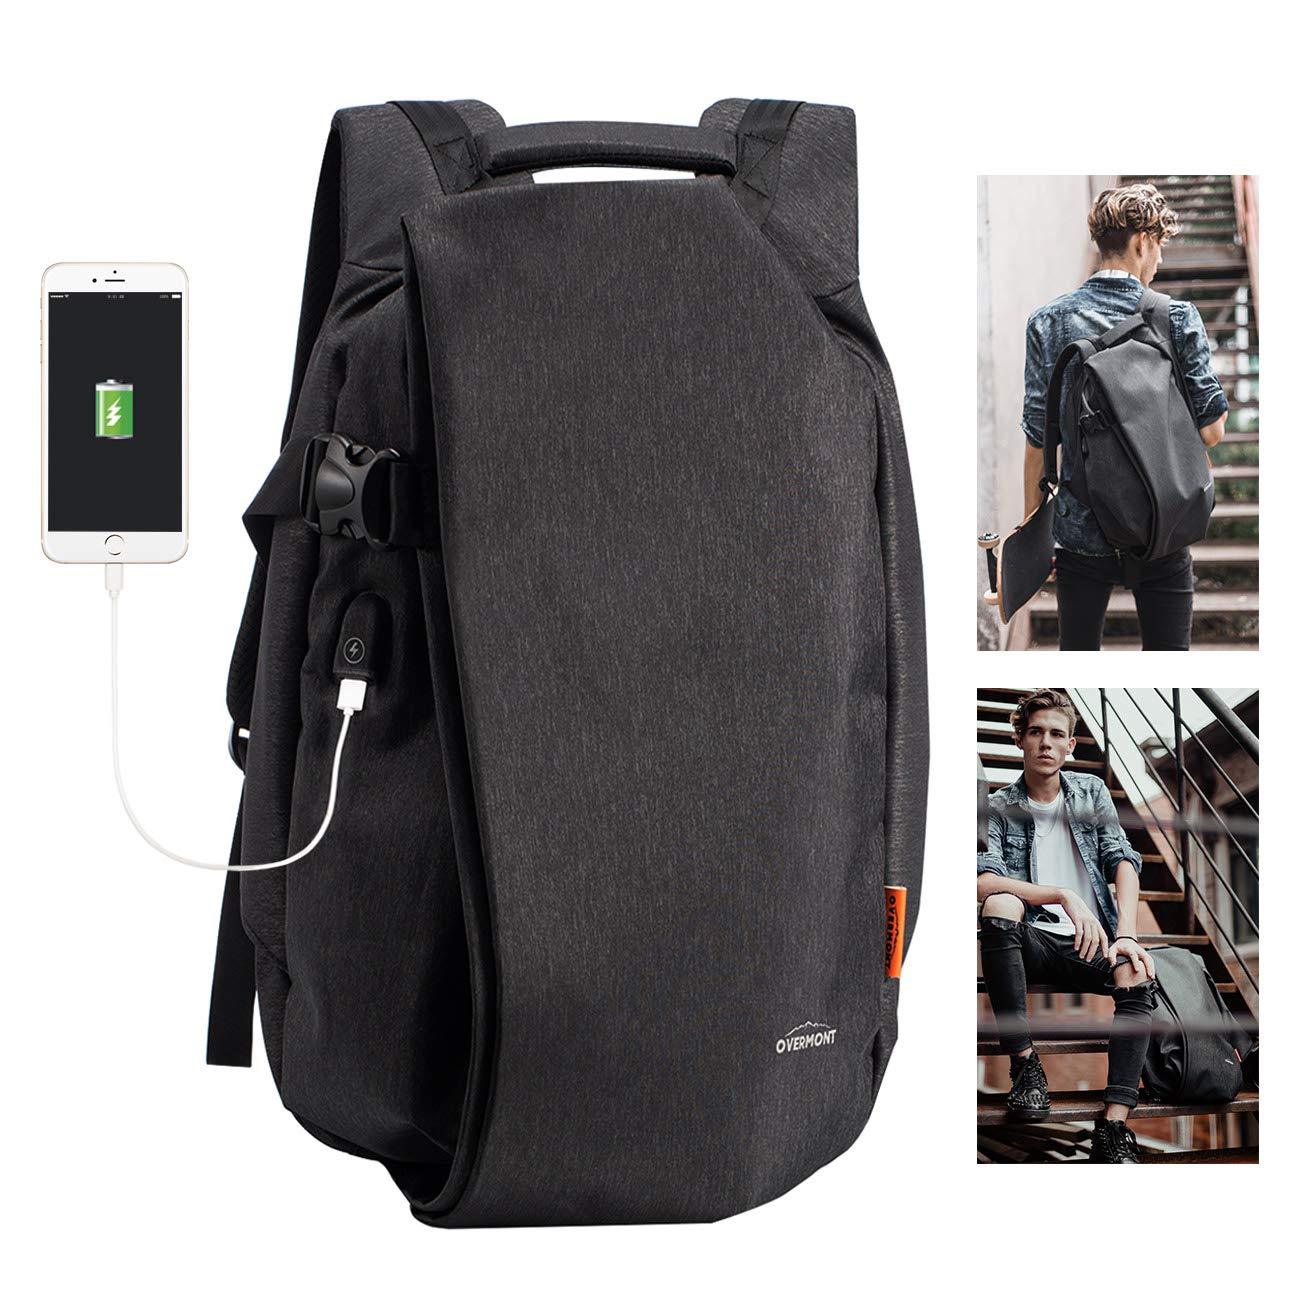 Overmont 复古帆布徒步背包 男式背包 笔记本电脑背包 大容量 单肩包 旅行包